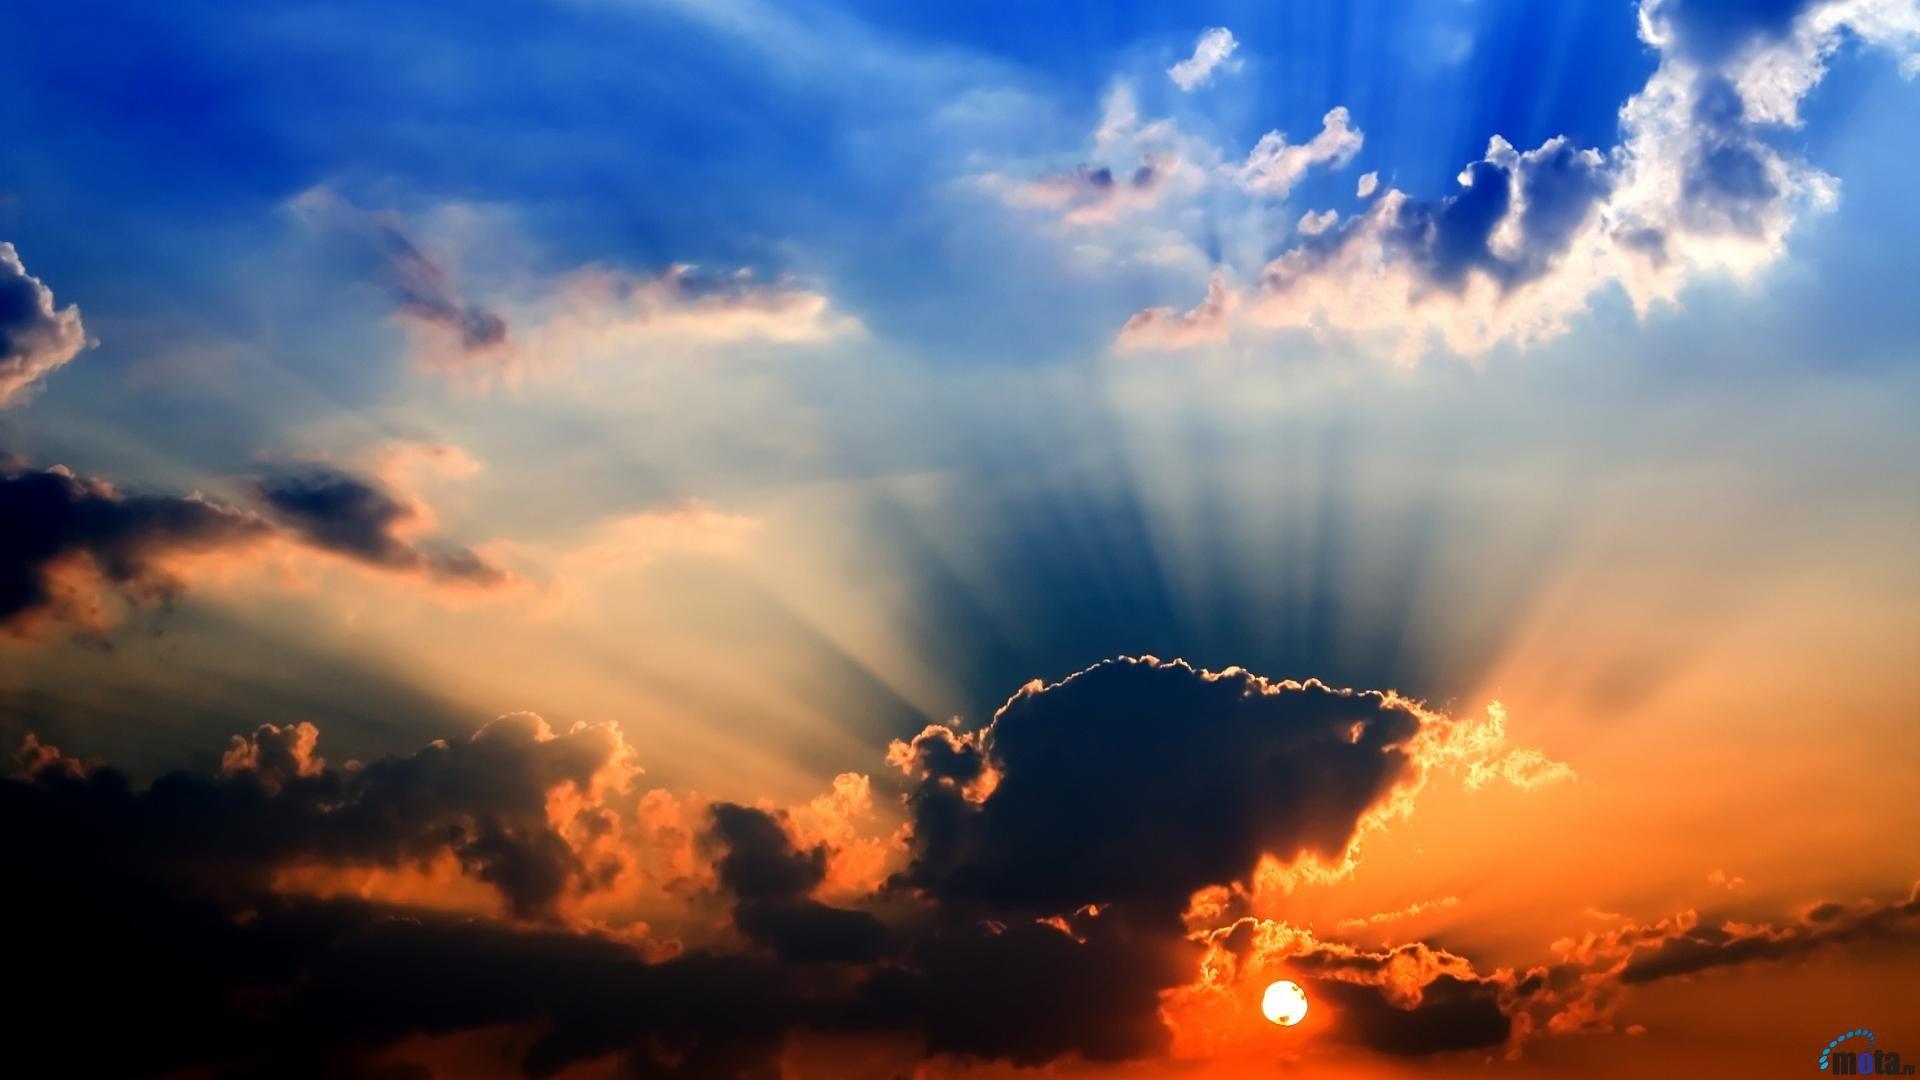 colorful sky | sunrays, cloud, clouds, colorful, sky, sun | our